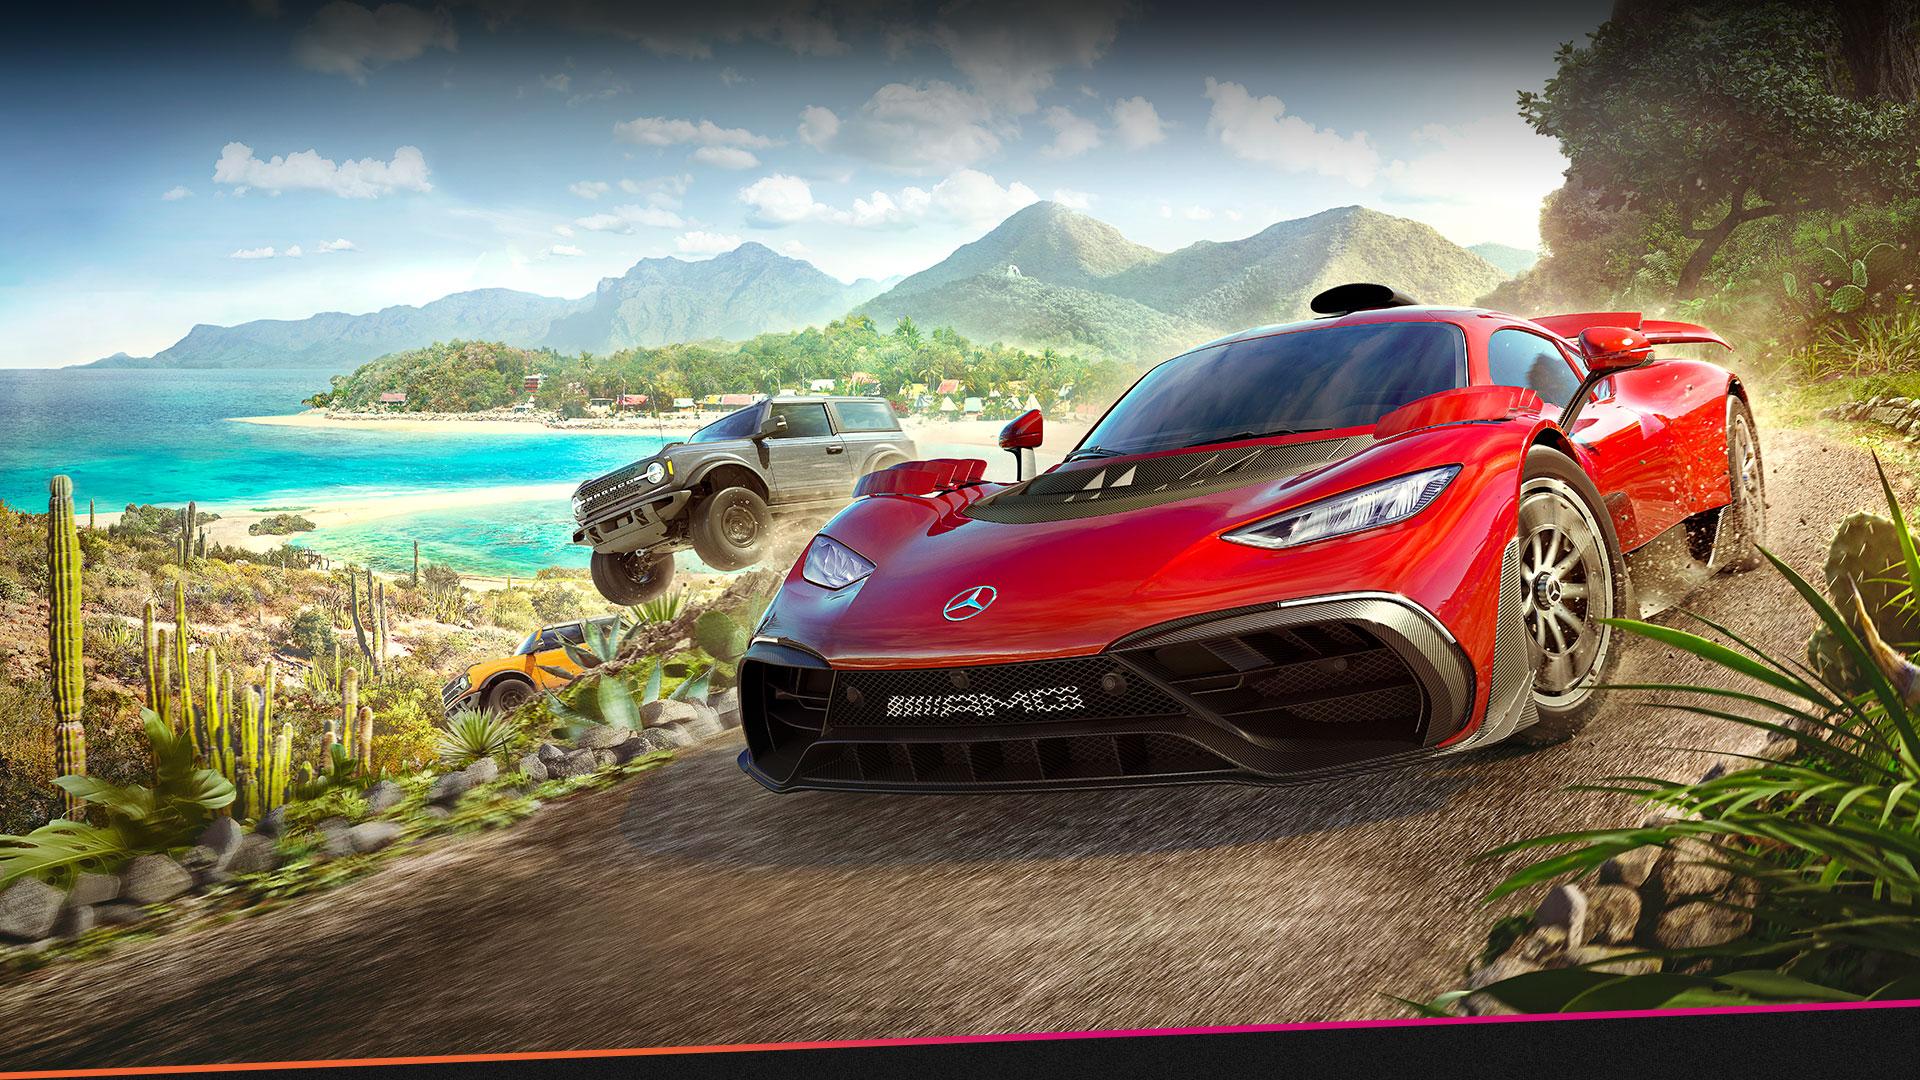 Forza Horizon 5에 나오는 자동차들이 물과 많은 식물을 끼고 비포장 도로를 빠르게 달립니다.